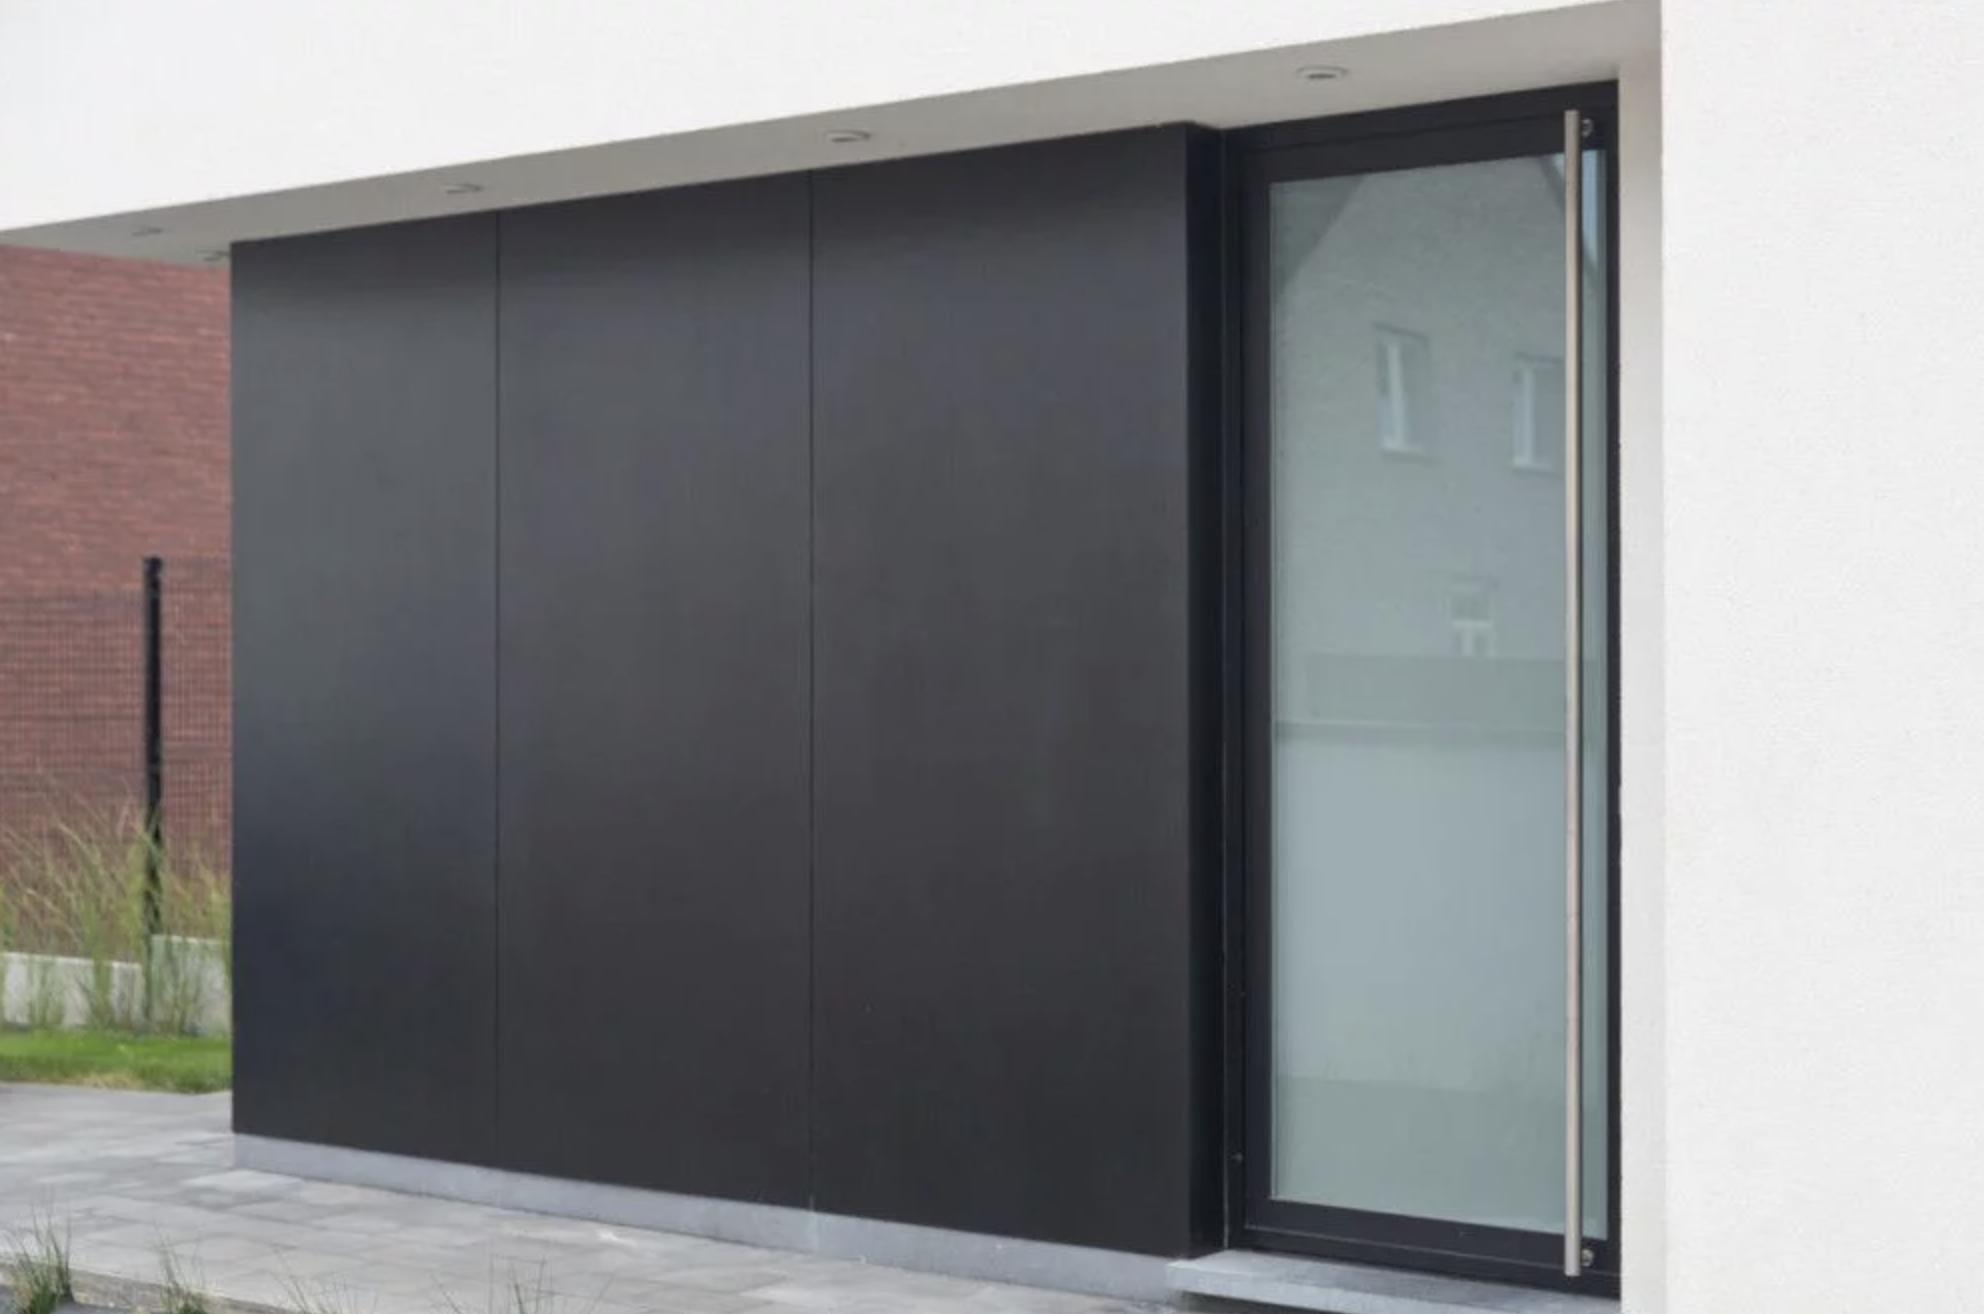 Verkoop en plaatsing van ✅ ramen, deuren, poorten en rolluiken in Sint-Truiden | We werken met ✅ Profel en ✅ Harol. Neem contact voor offerte: ☎ 011 68 40 97